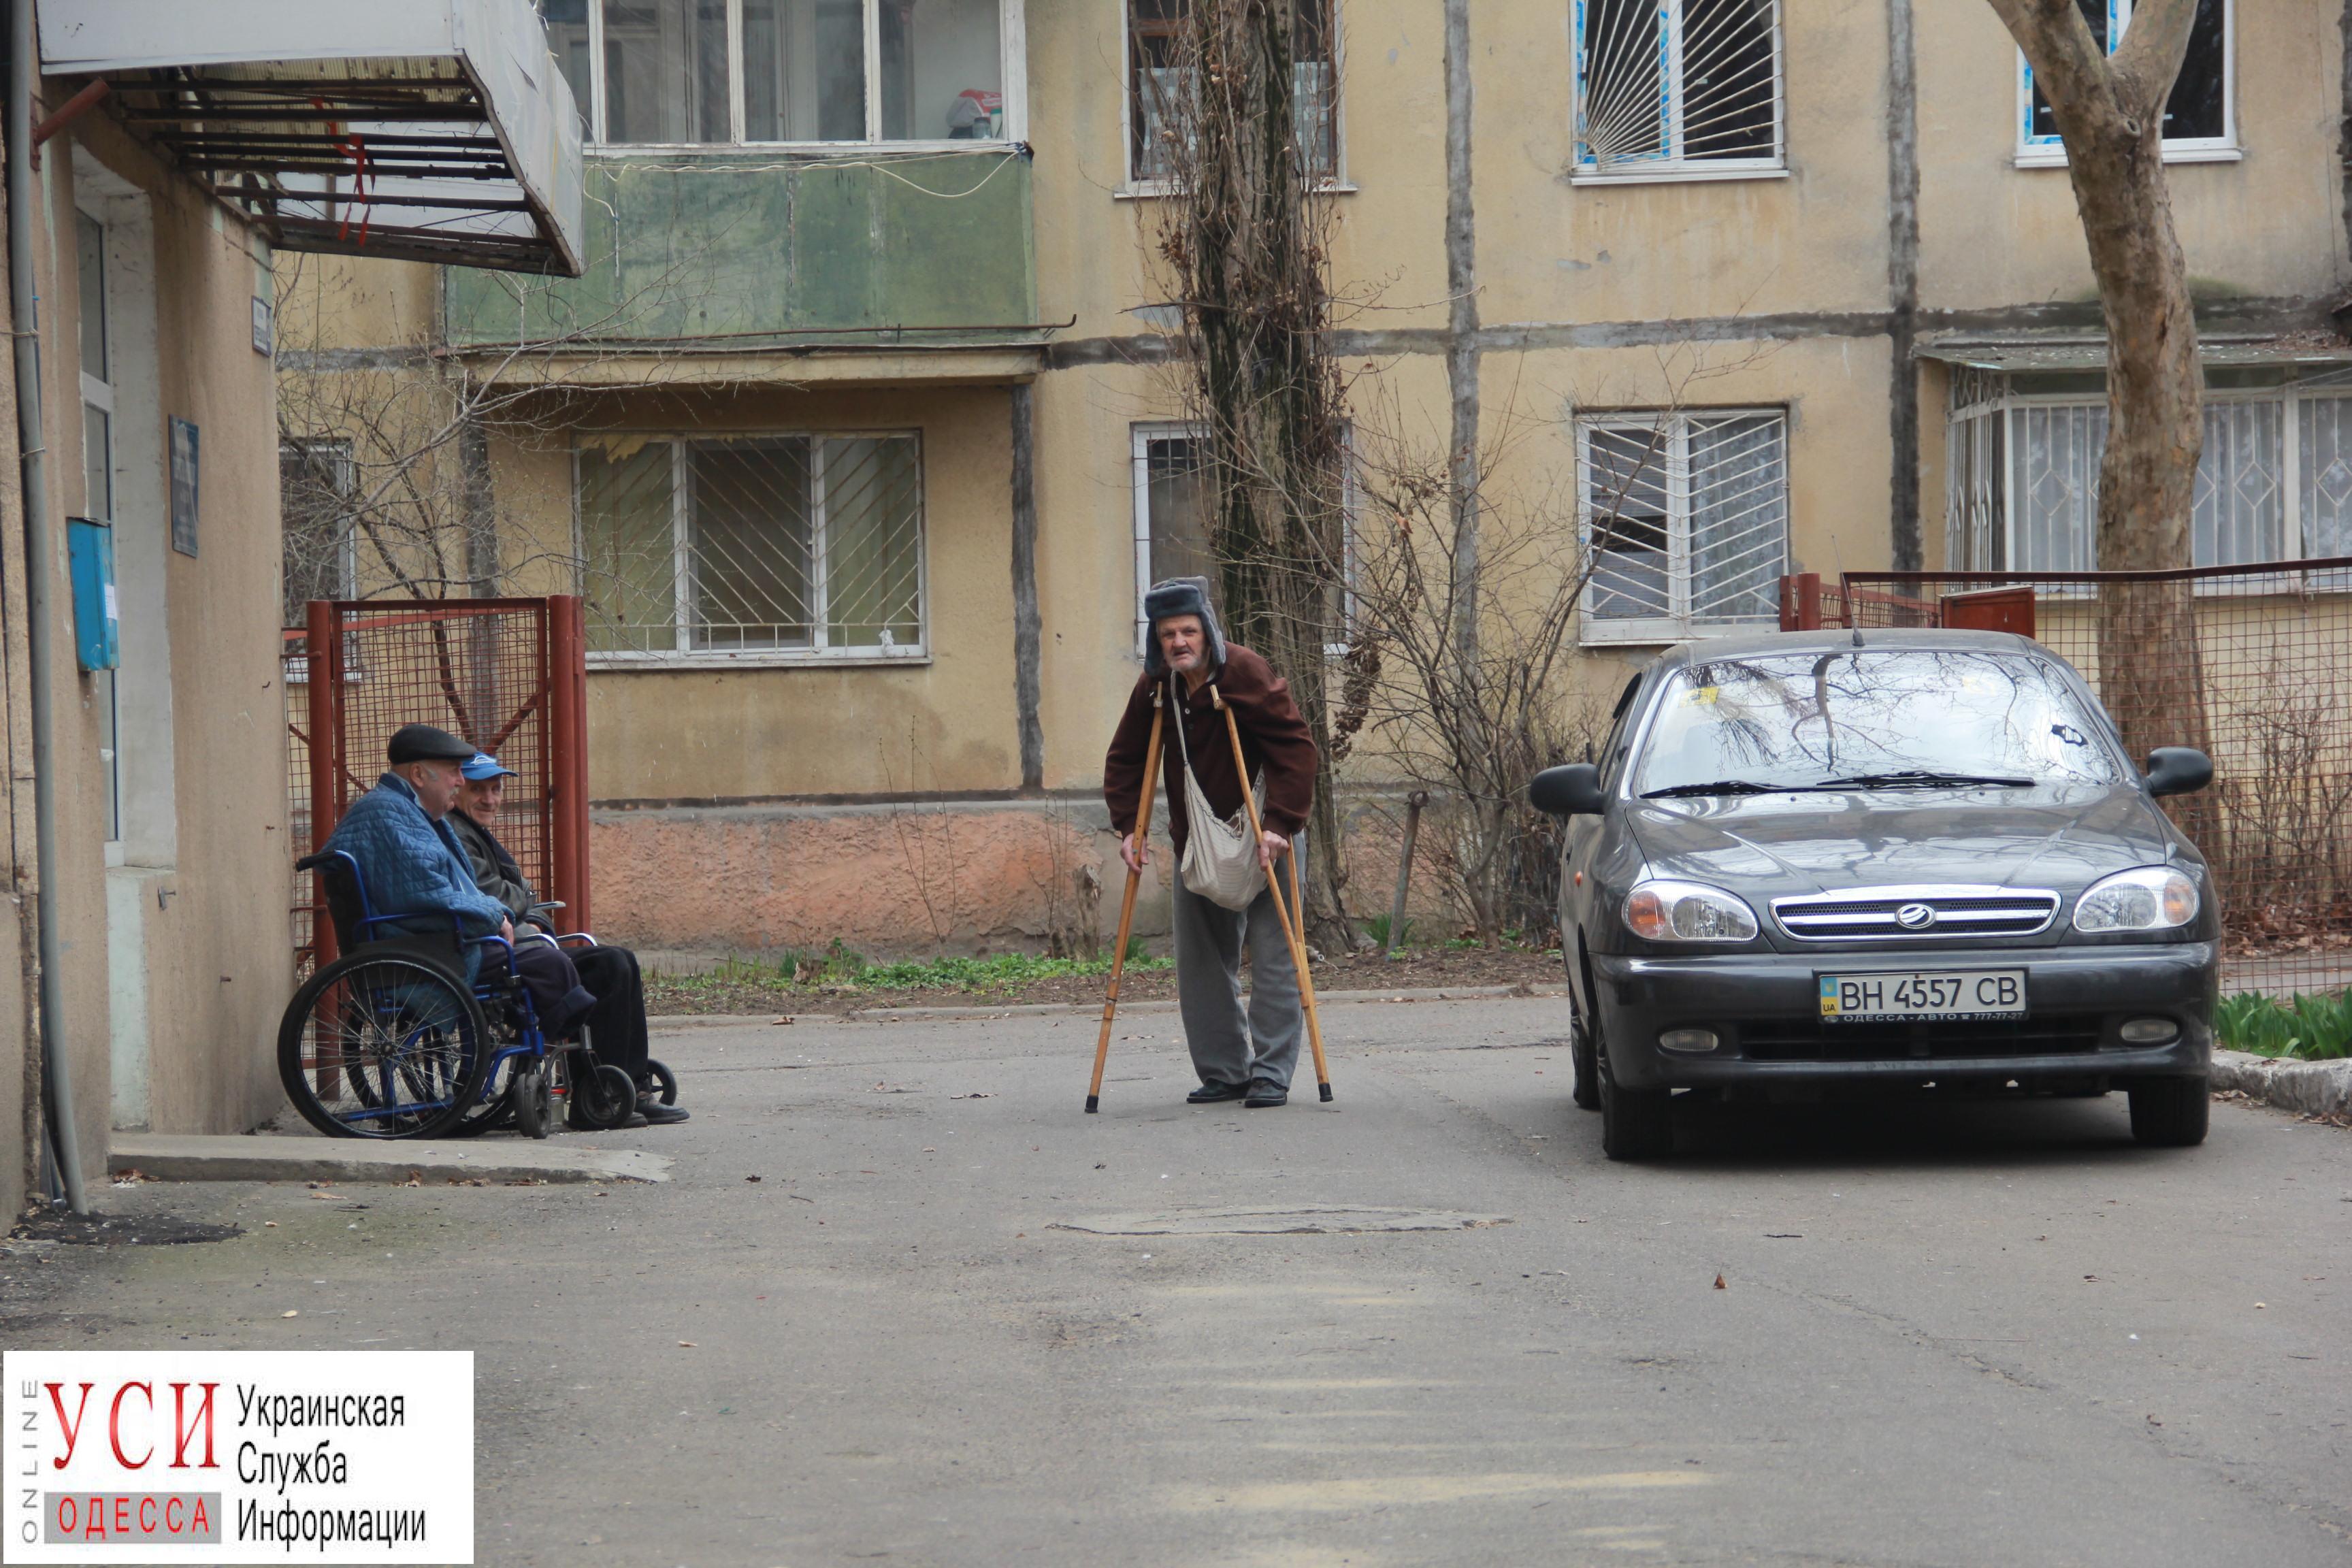 Дом престарелых на терешковой одесса фото из домов престарелых